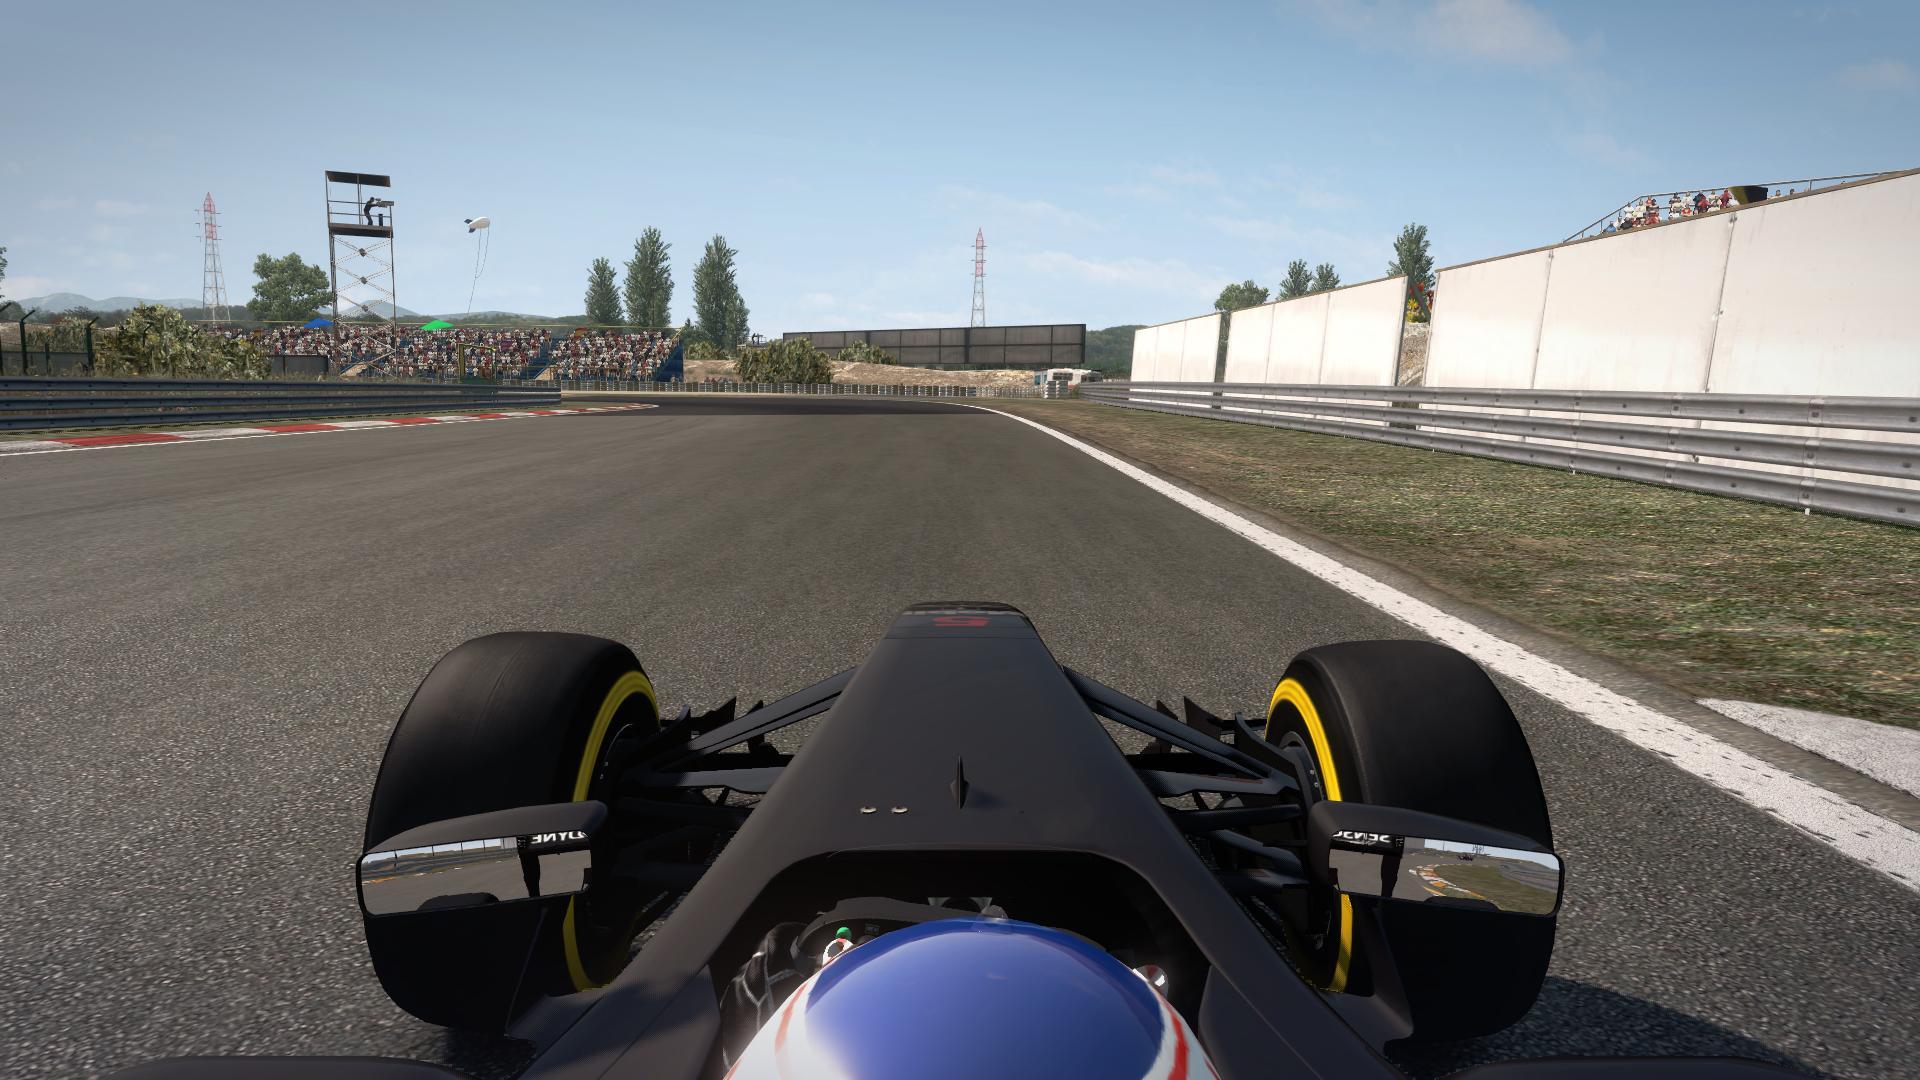 F1_2013 2016-04-16 20-31-33-75.jpg